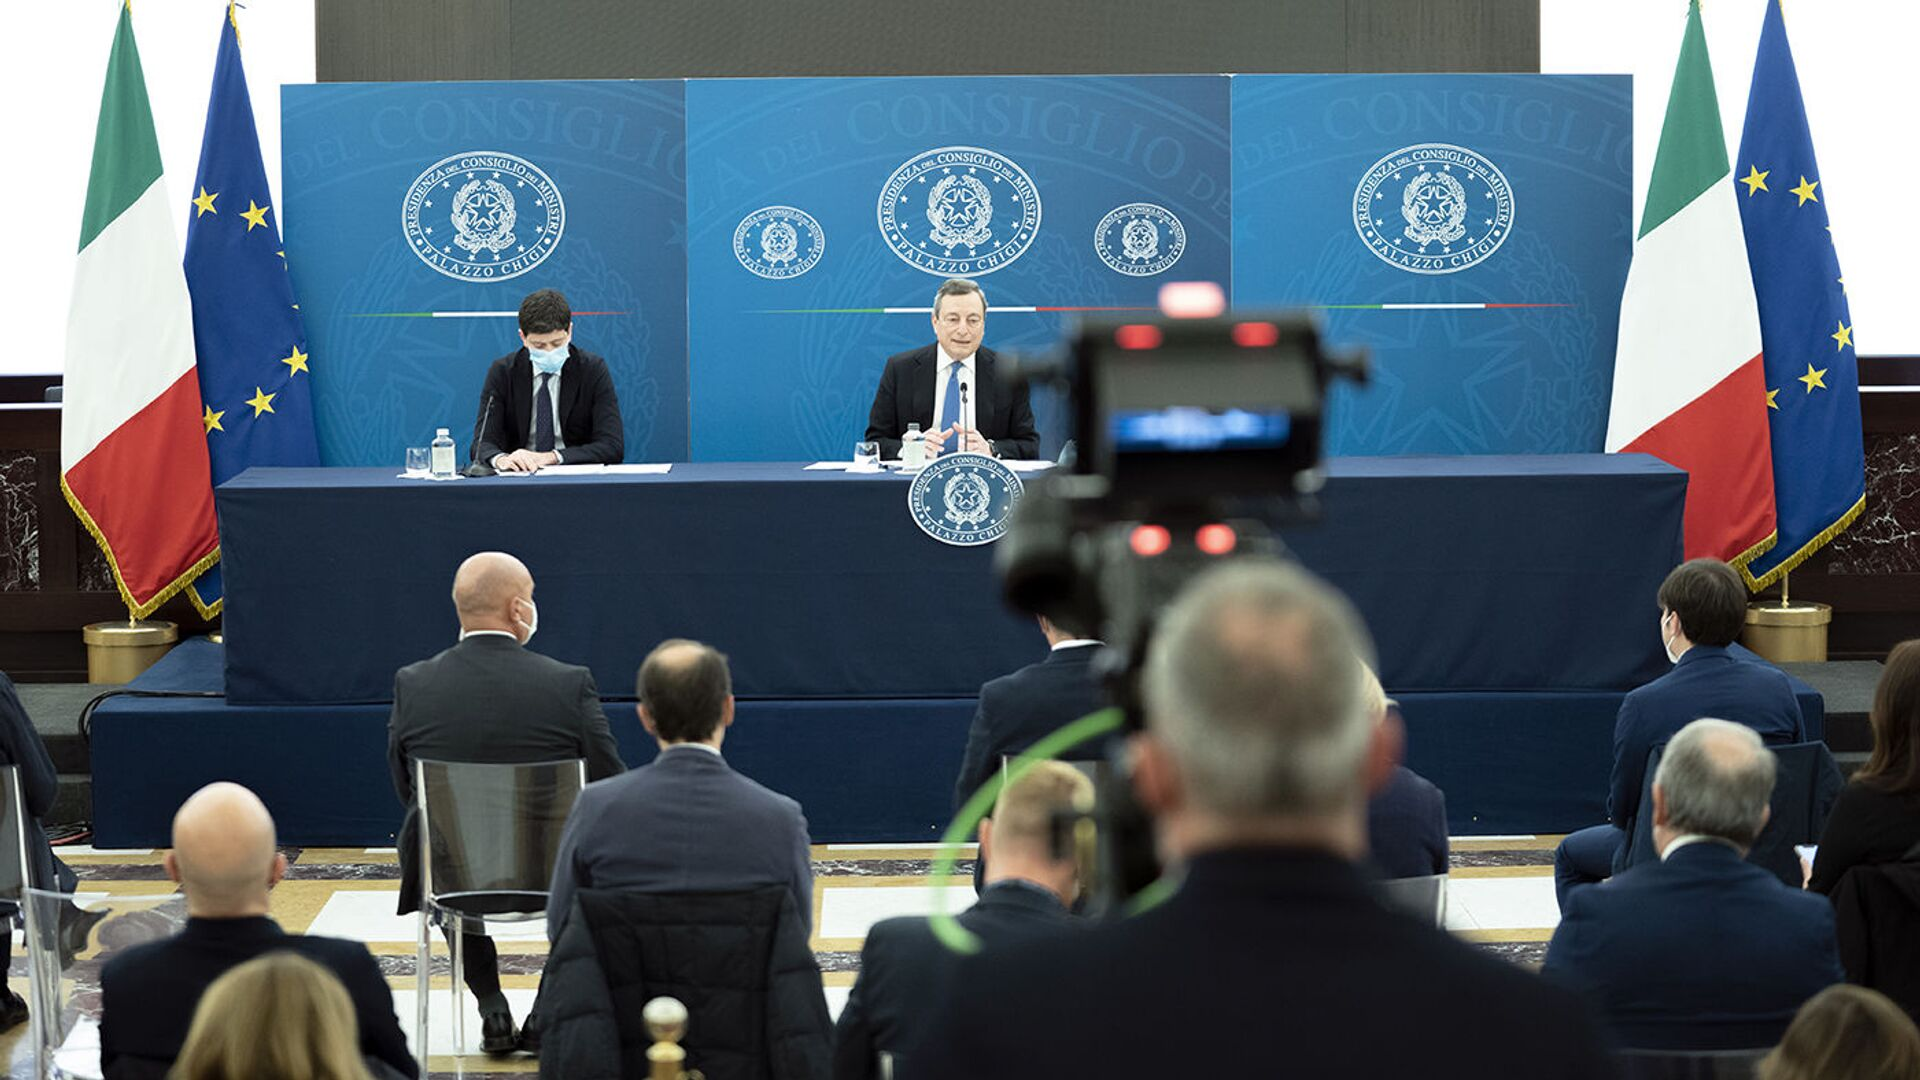 Il premier Draghi in conferenza stampa - Sputnik Italia, 1920, 22.04.2021